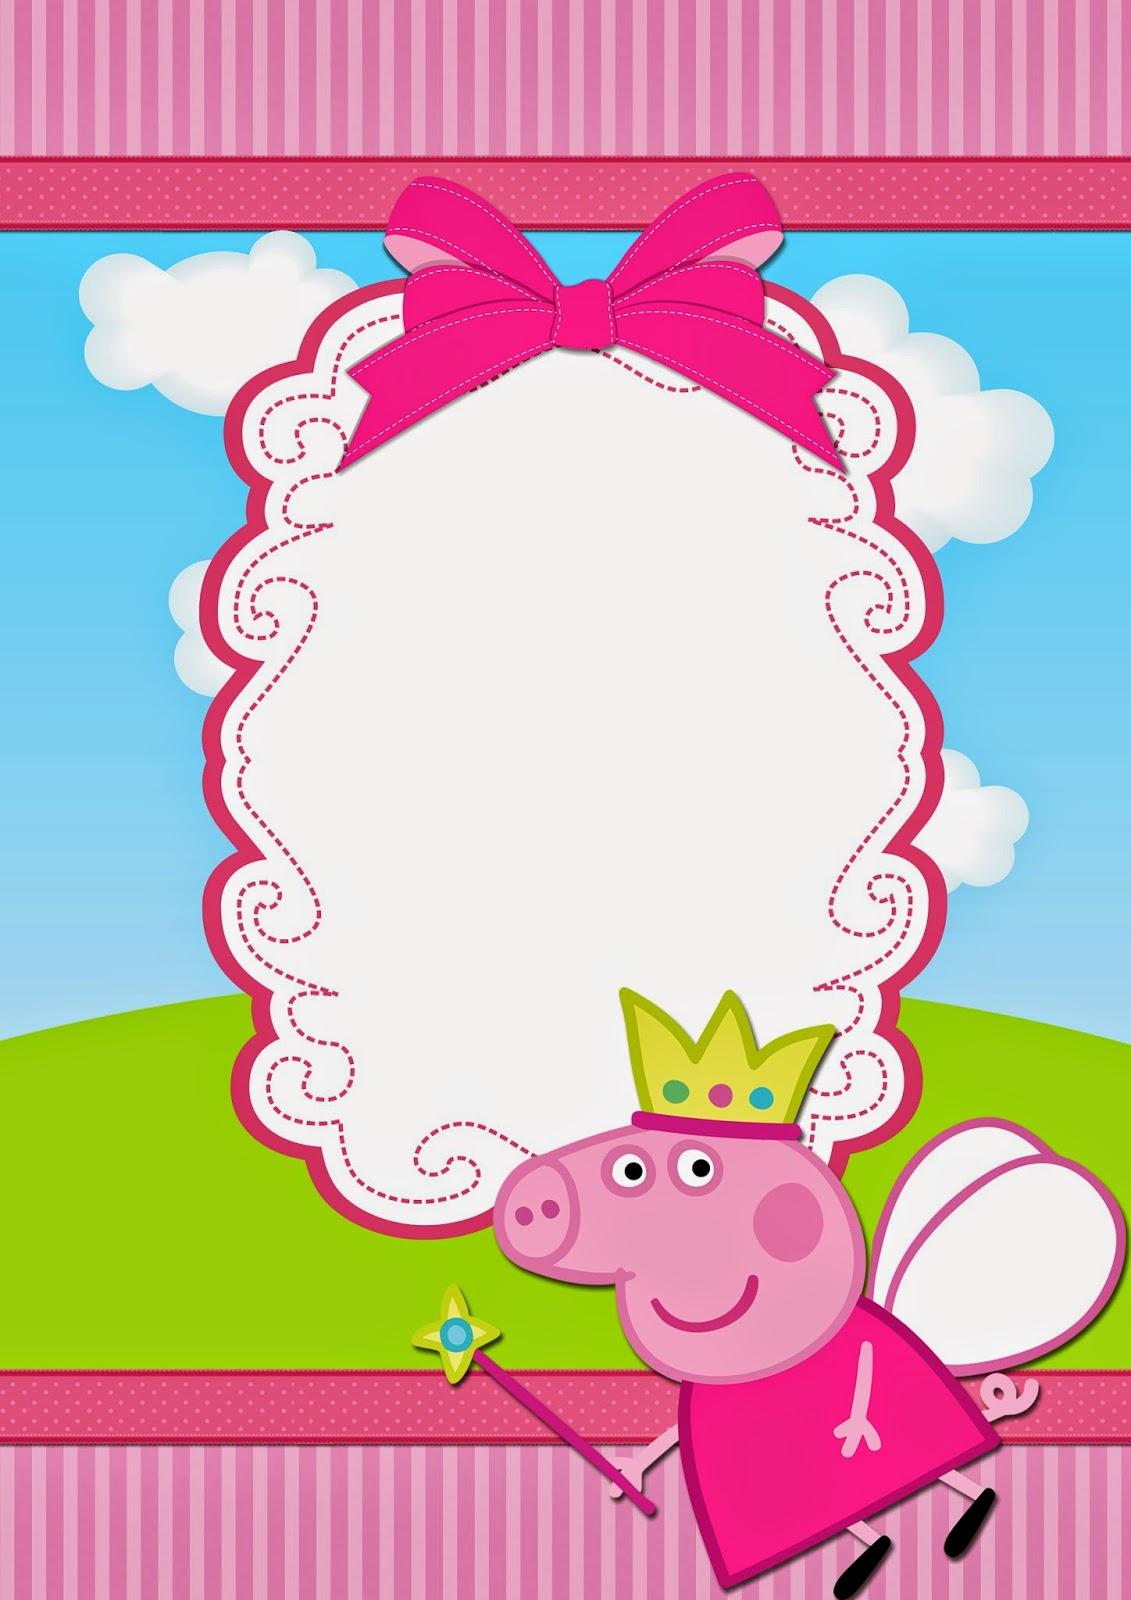 Para hacer invitaciones, tarjetas, marcos de fotos o etiquetas, de Peppa Pig para imprimir gratis.